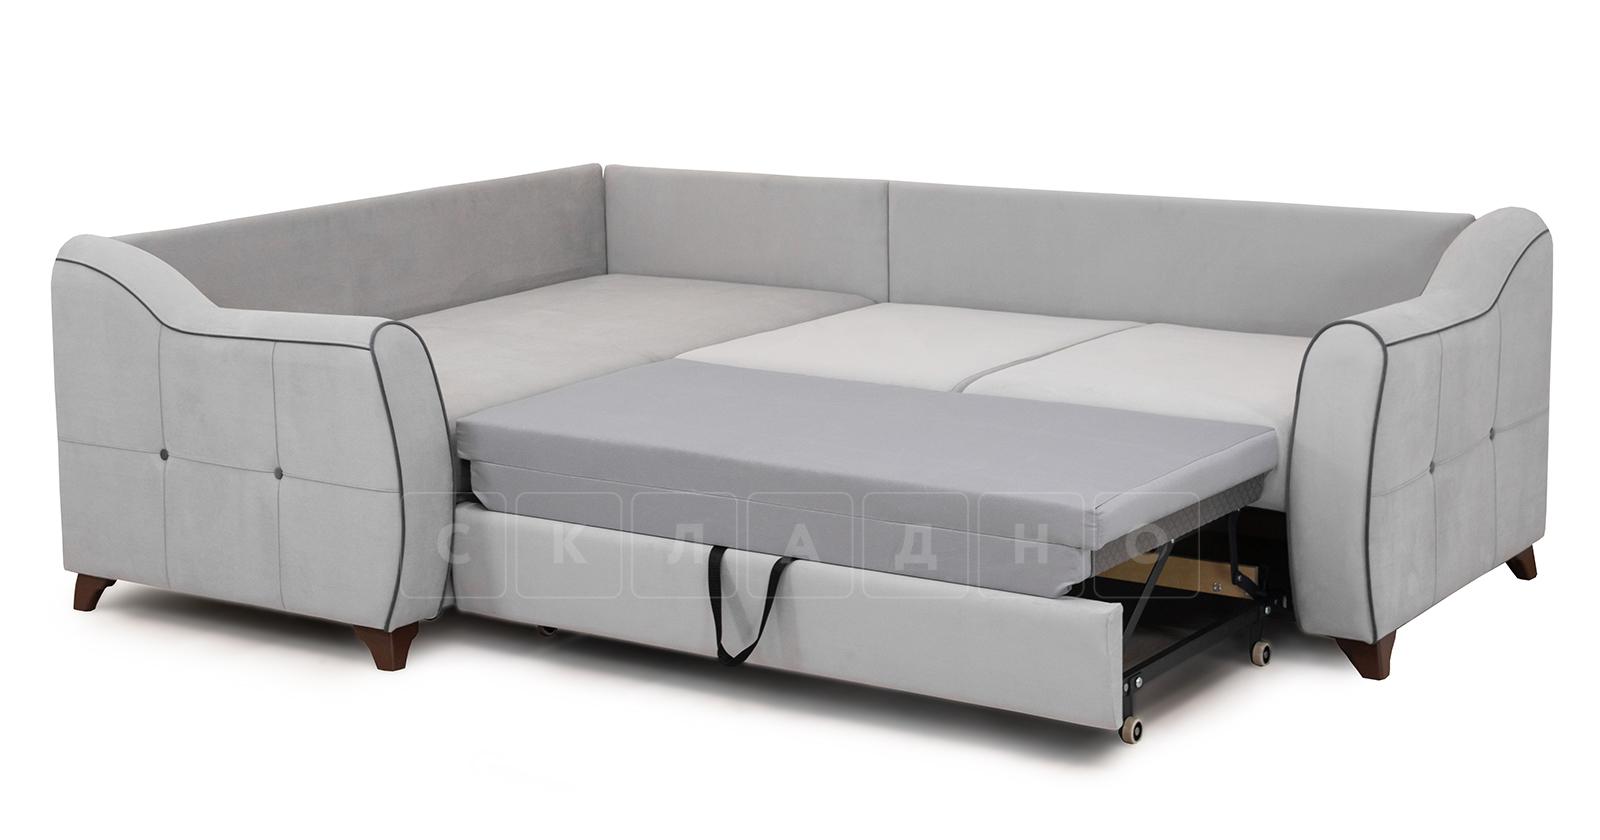 Диван-кровать угловой Флэтфорд светло-серый фото 6 | интернет-магазин Складно